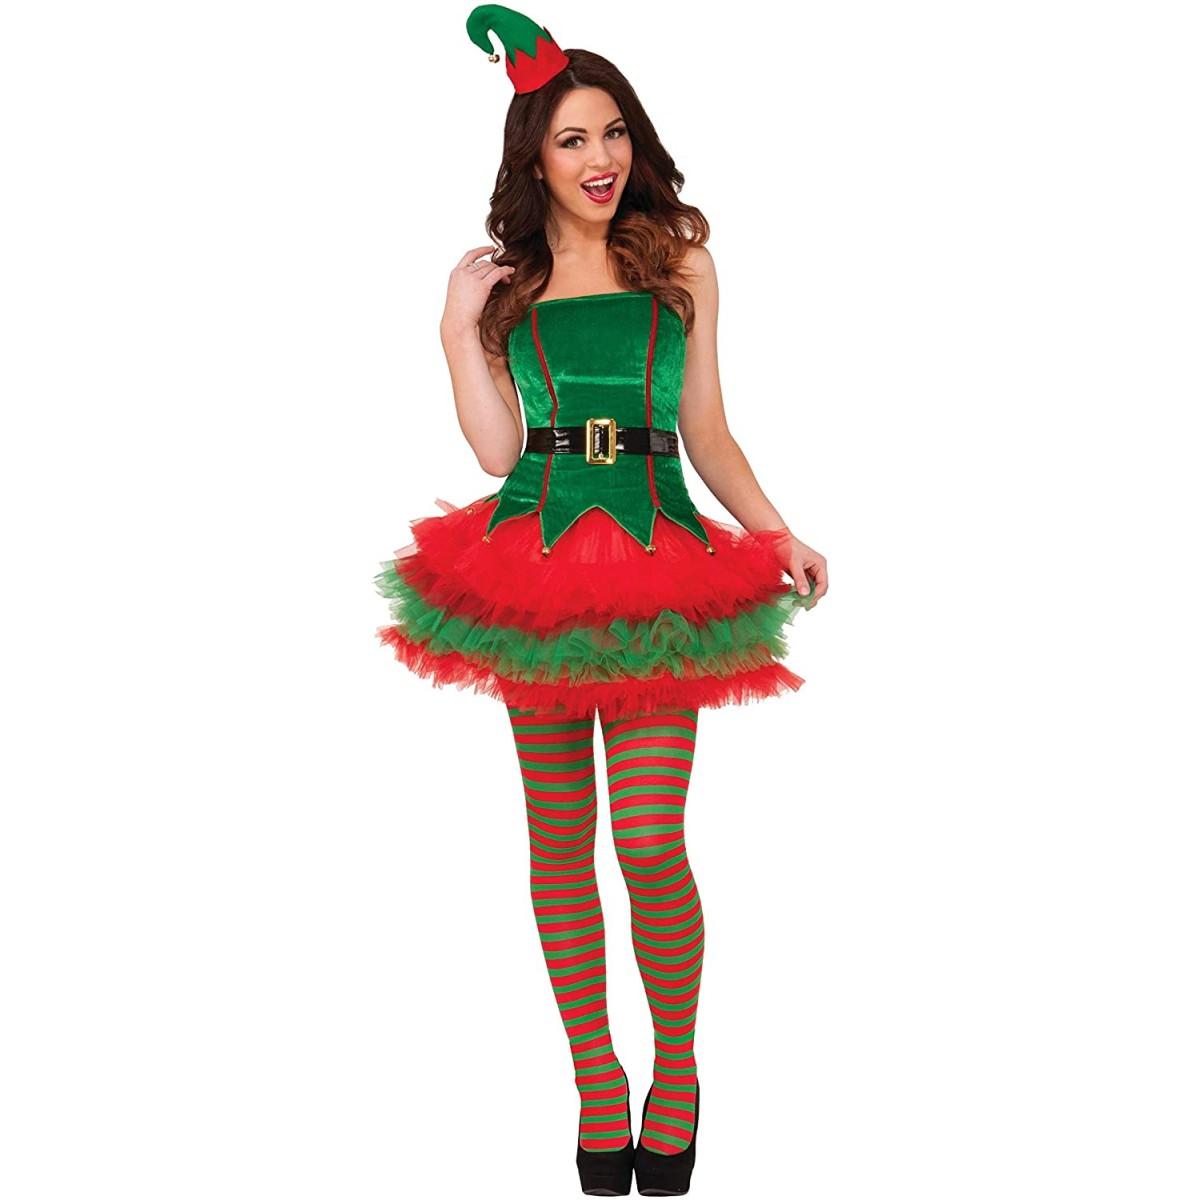 Costume deluxe miss elf